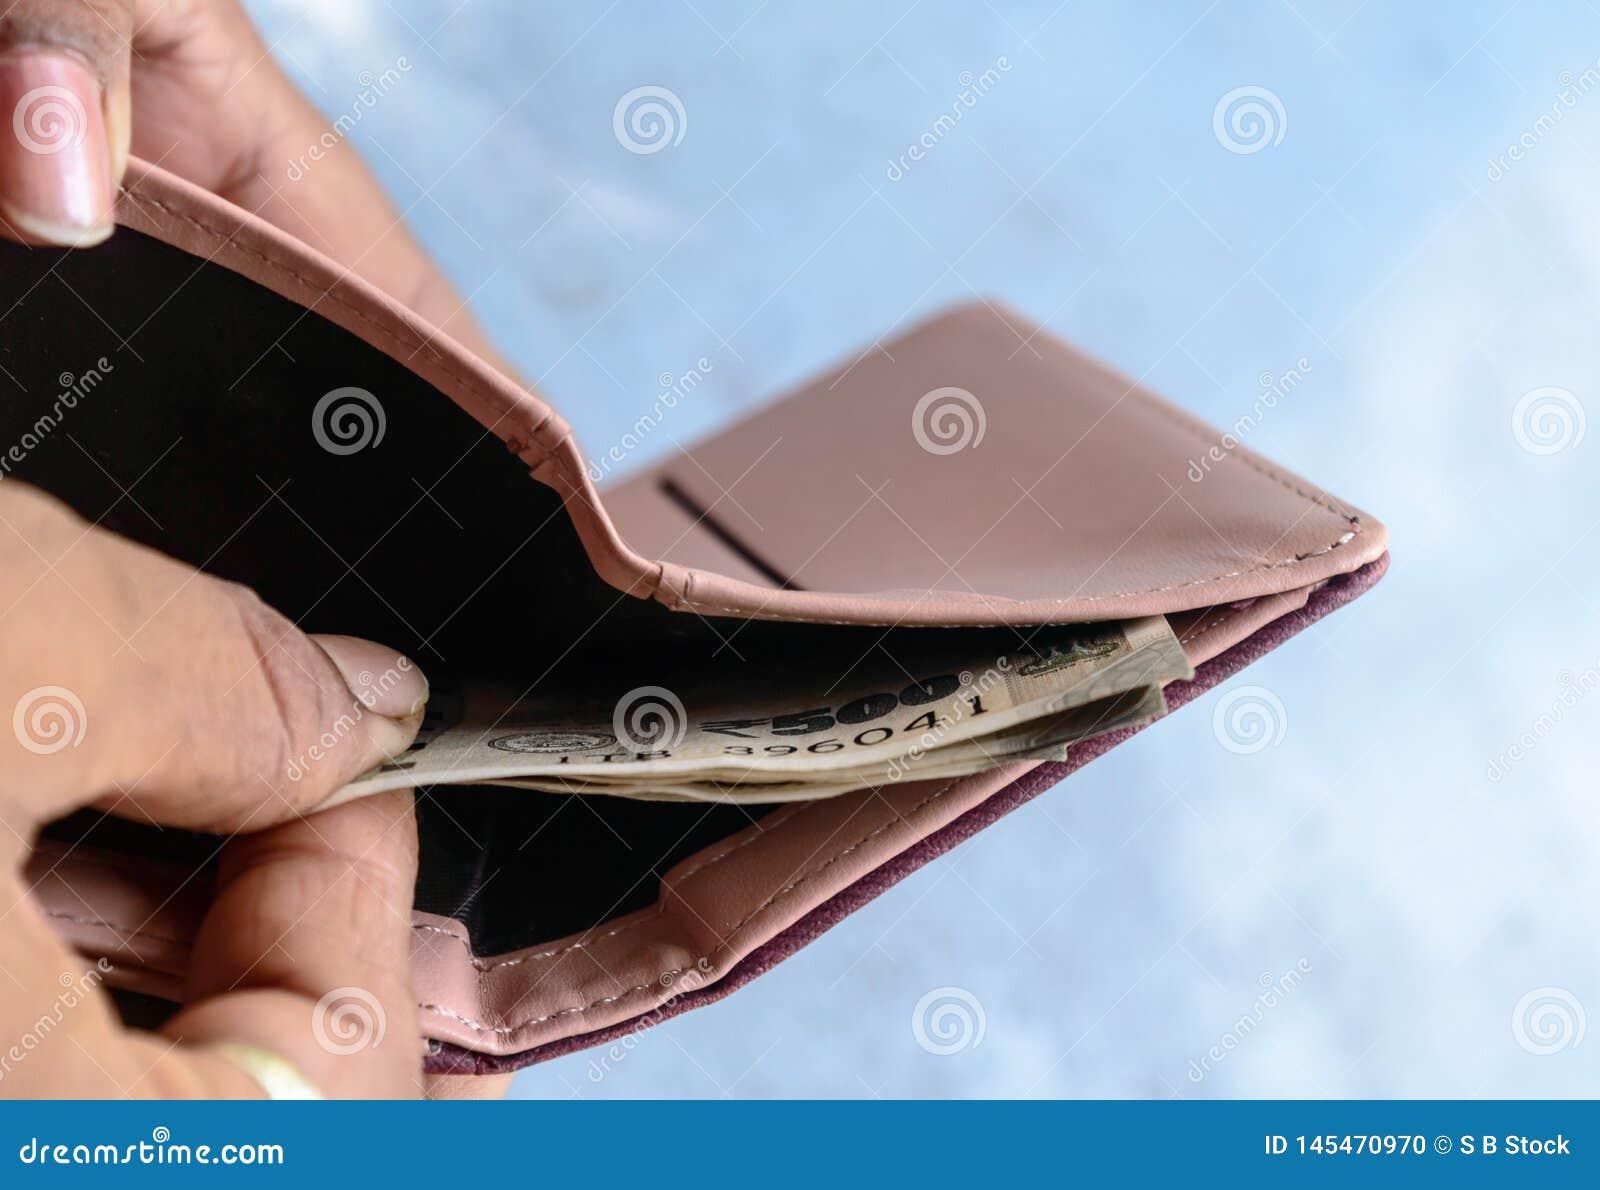 投入或采取或支付从皮革钱包的商人印度卢比钞票 : 赢得危机